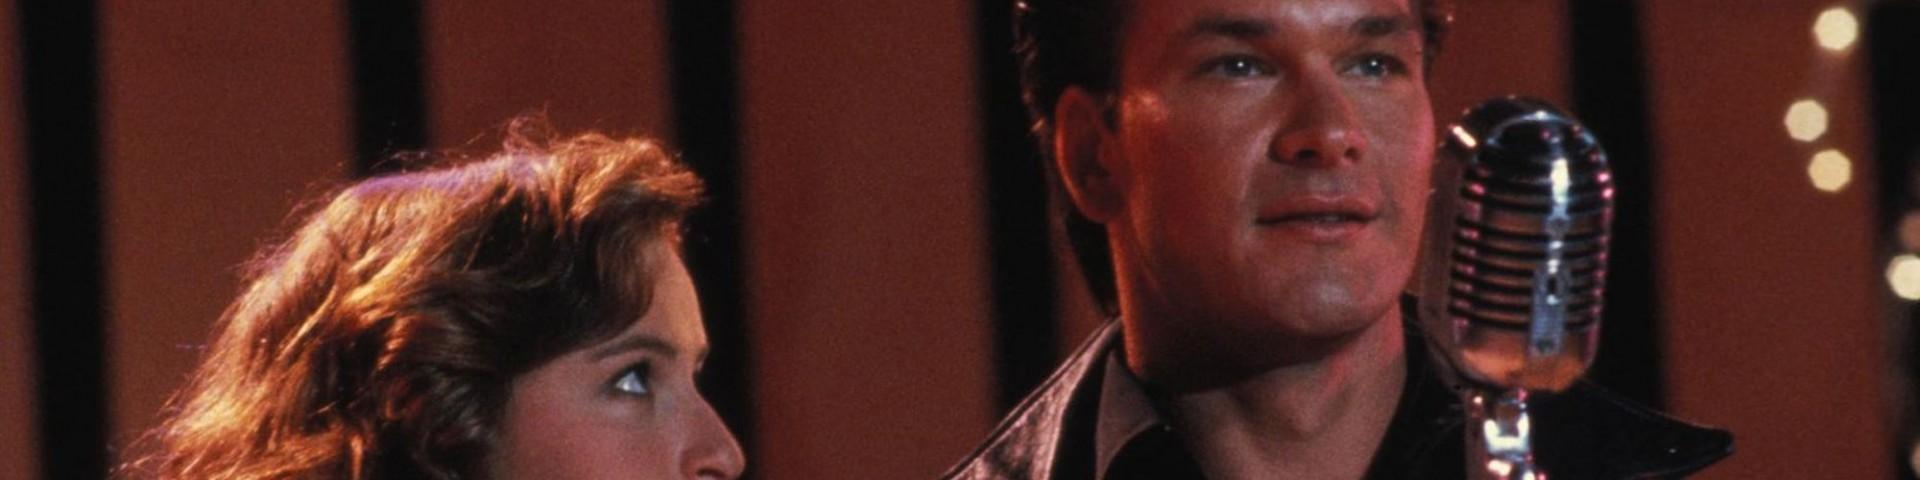 Stasera in tv - 24 aprile: da Chi l'ha visto? a Dirty Dancing, tutti i programmi